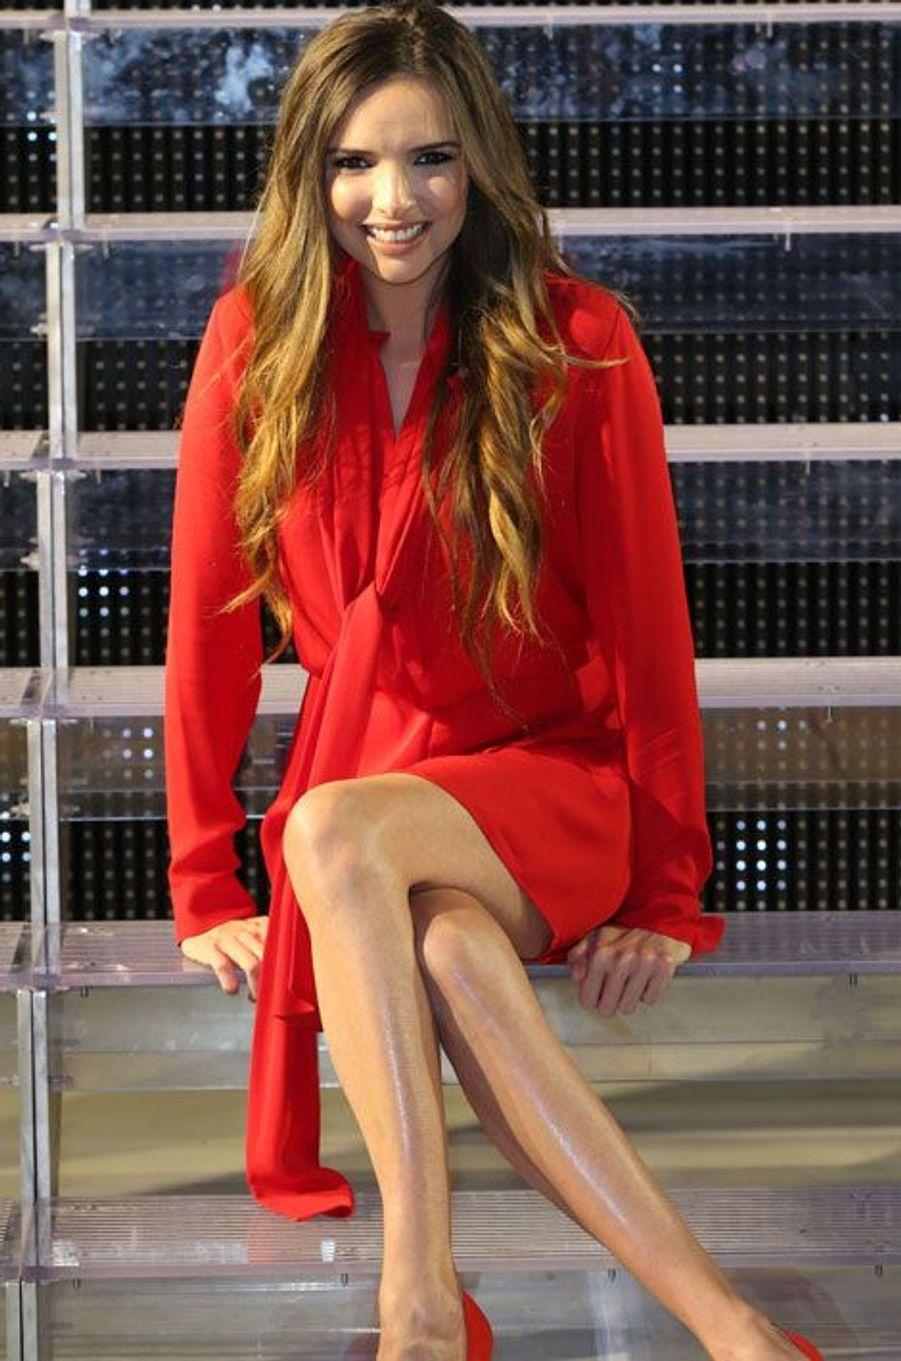 18- La chanteuse Nadine Coyle 10 millions d'euros